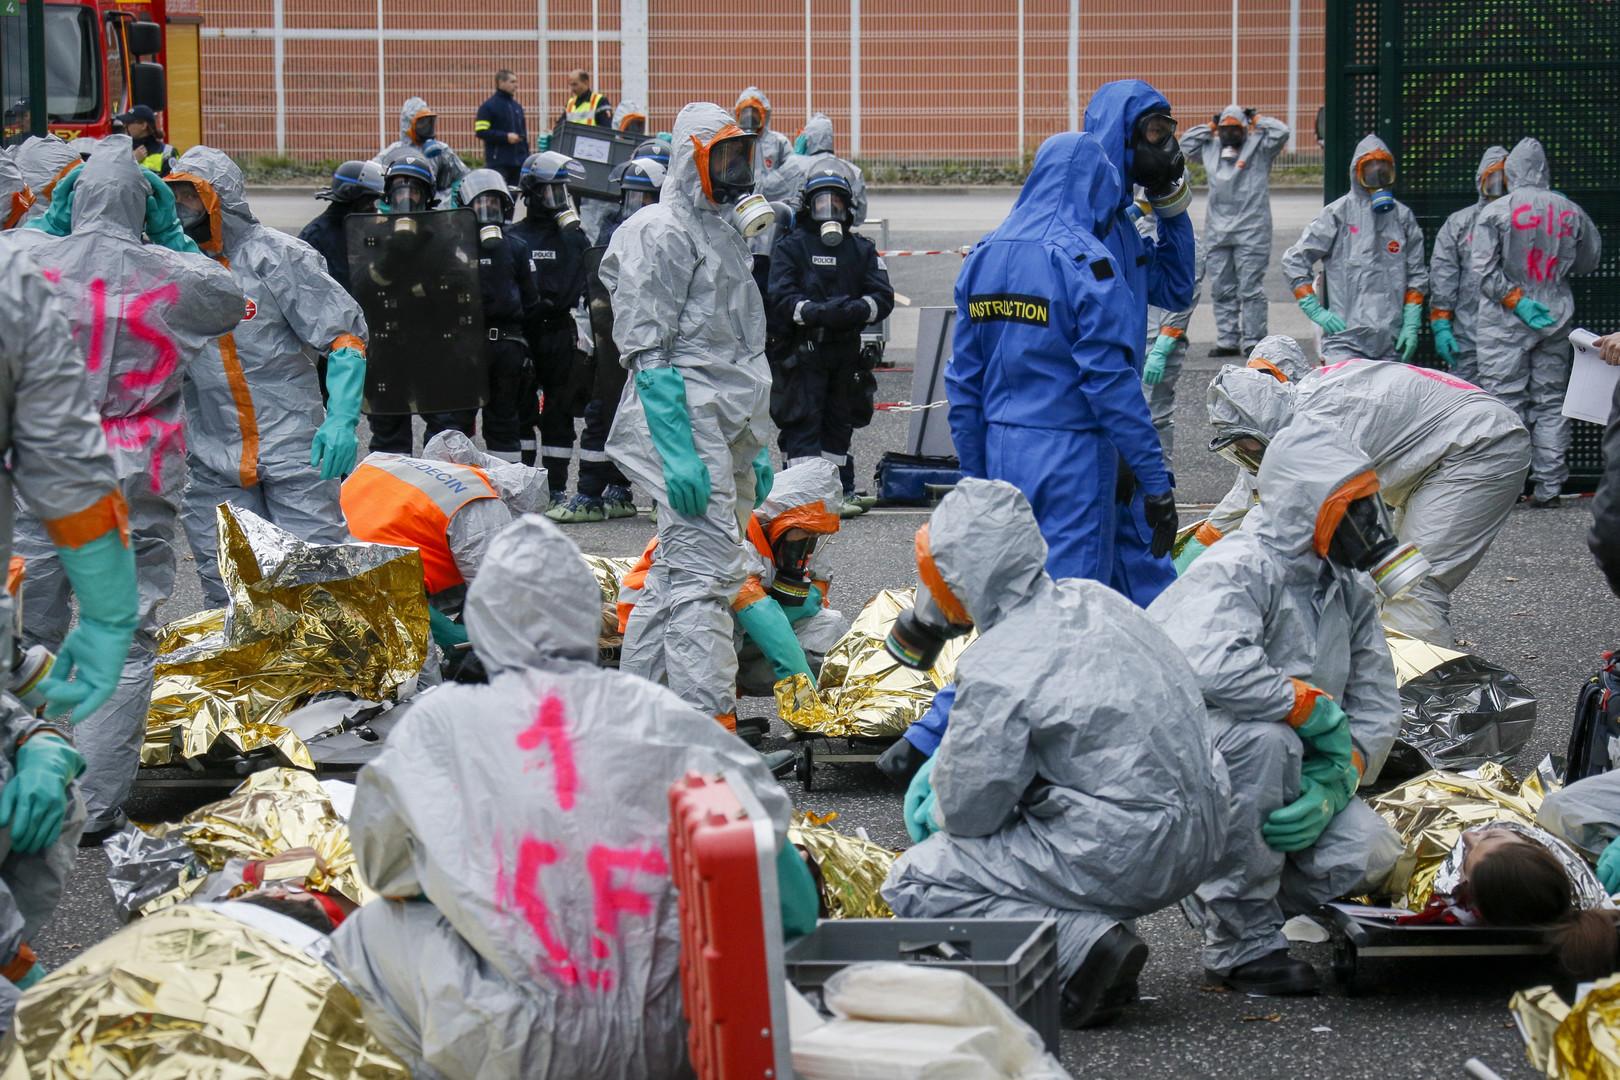 Euro-2016 : simulation d'une attaque chimique au stade de Saint-Etienne (PHOTOS)